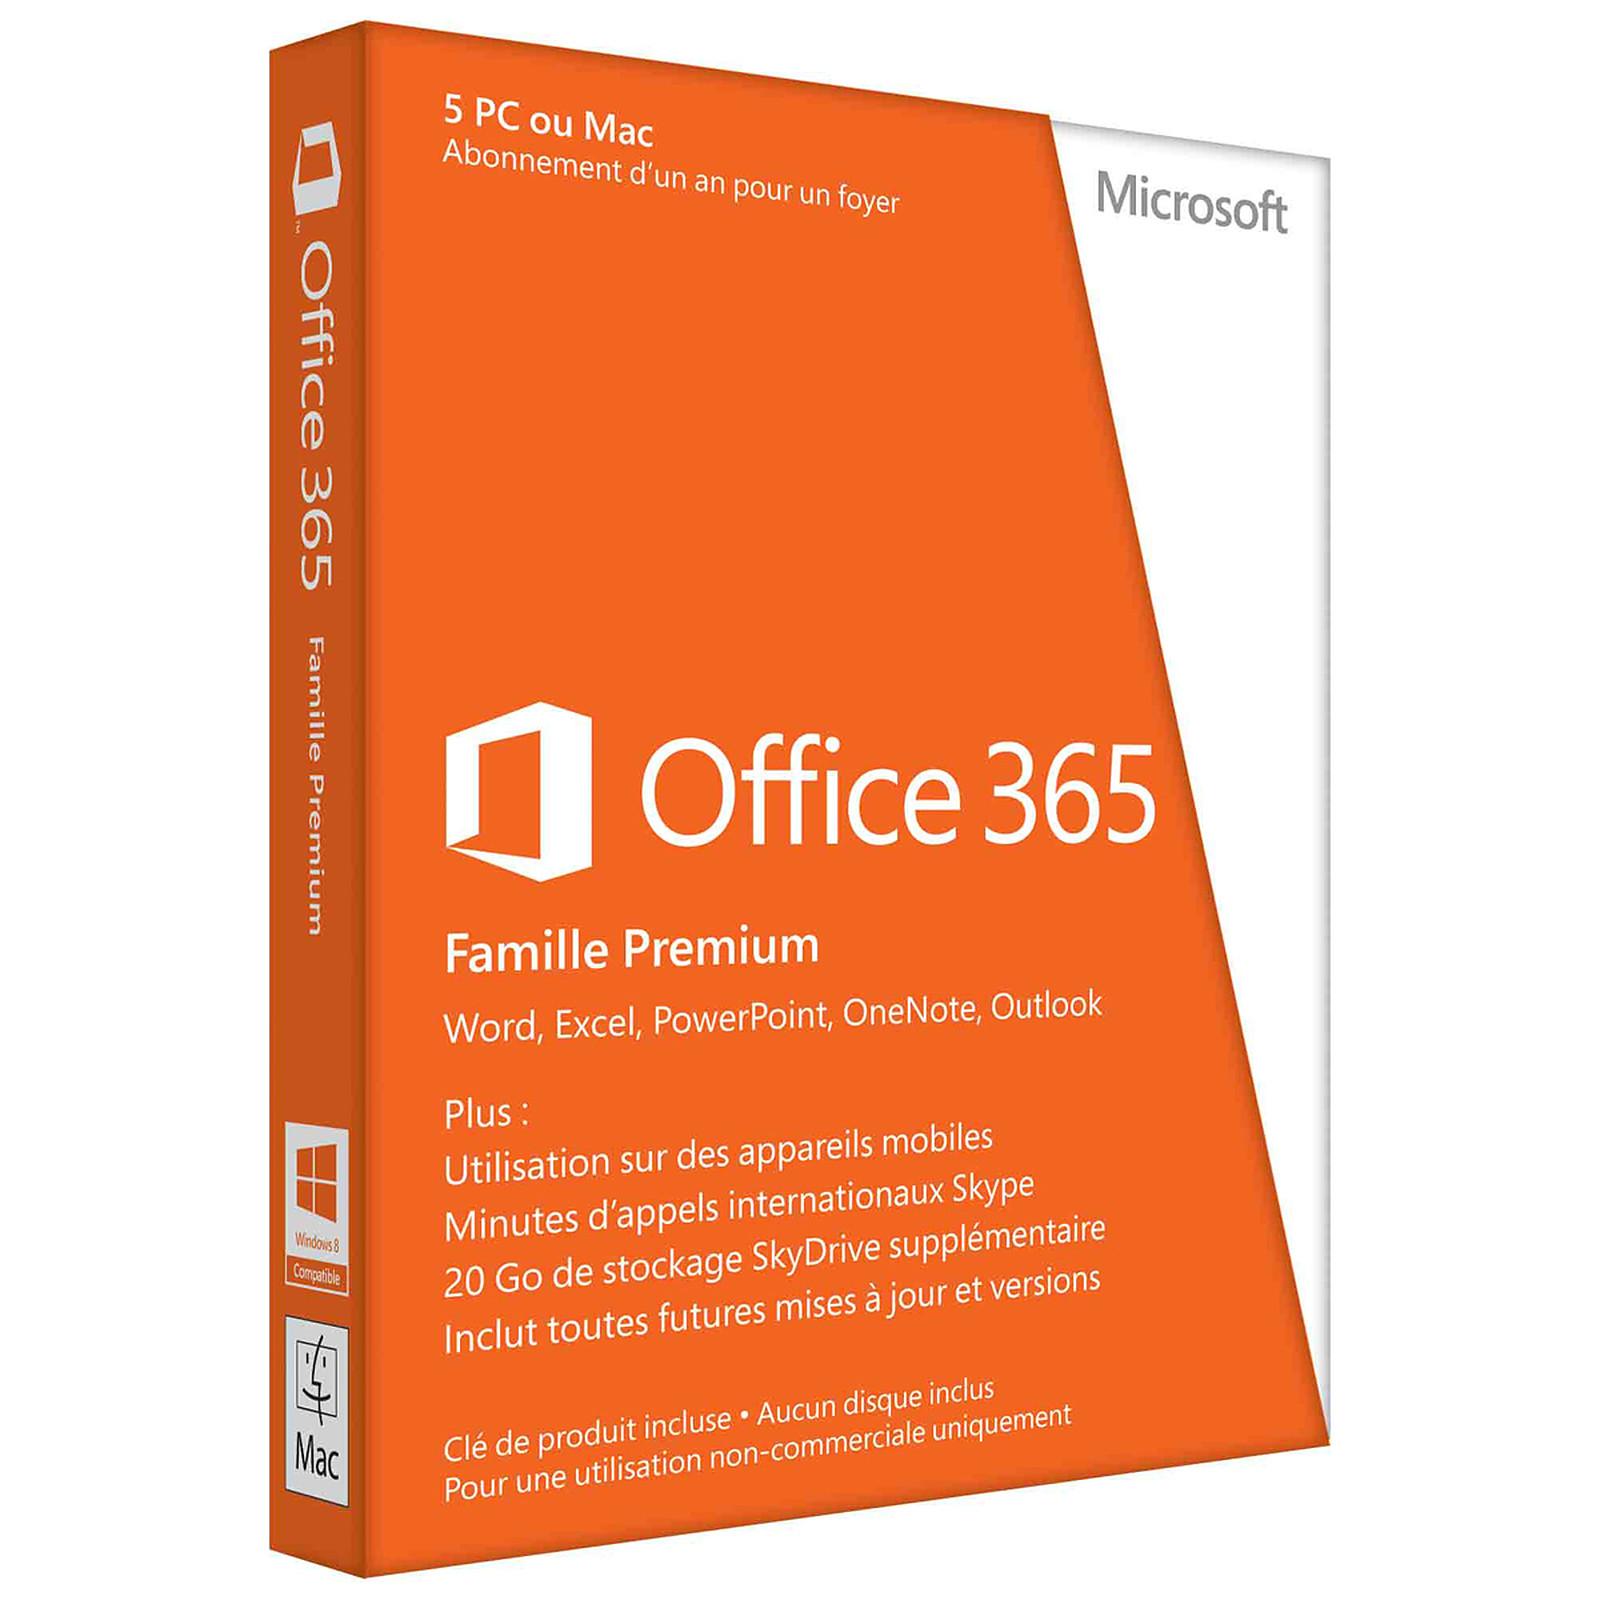 Microsoft Office 365 Famille Premium Licence 1 Utilisateur Pour 5 PC Ou Mac Du Meme Foyer